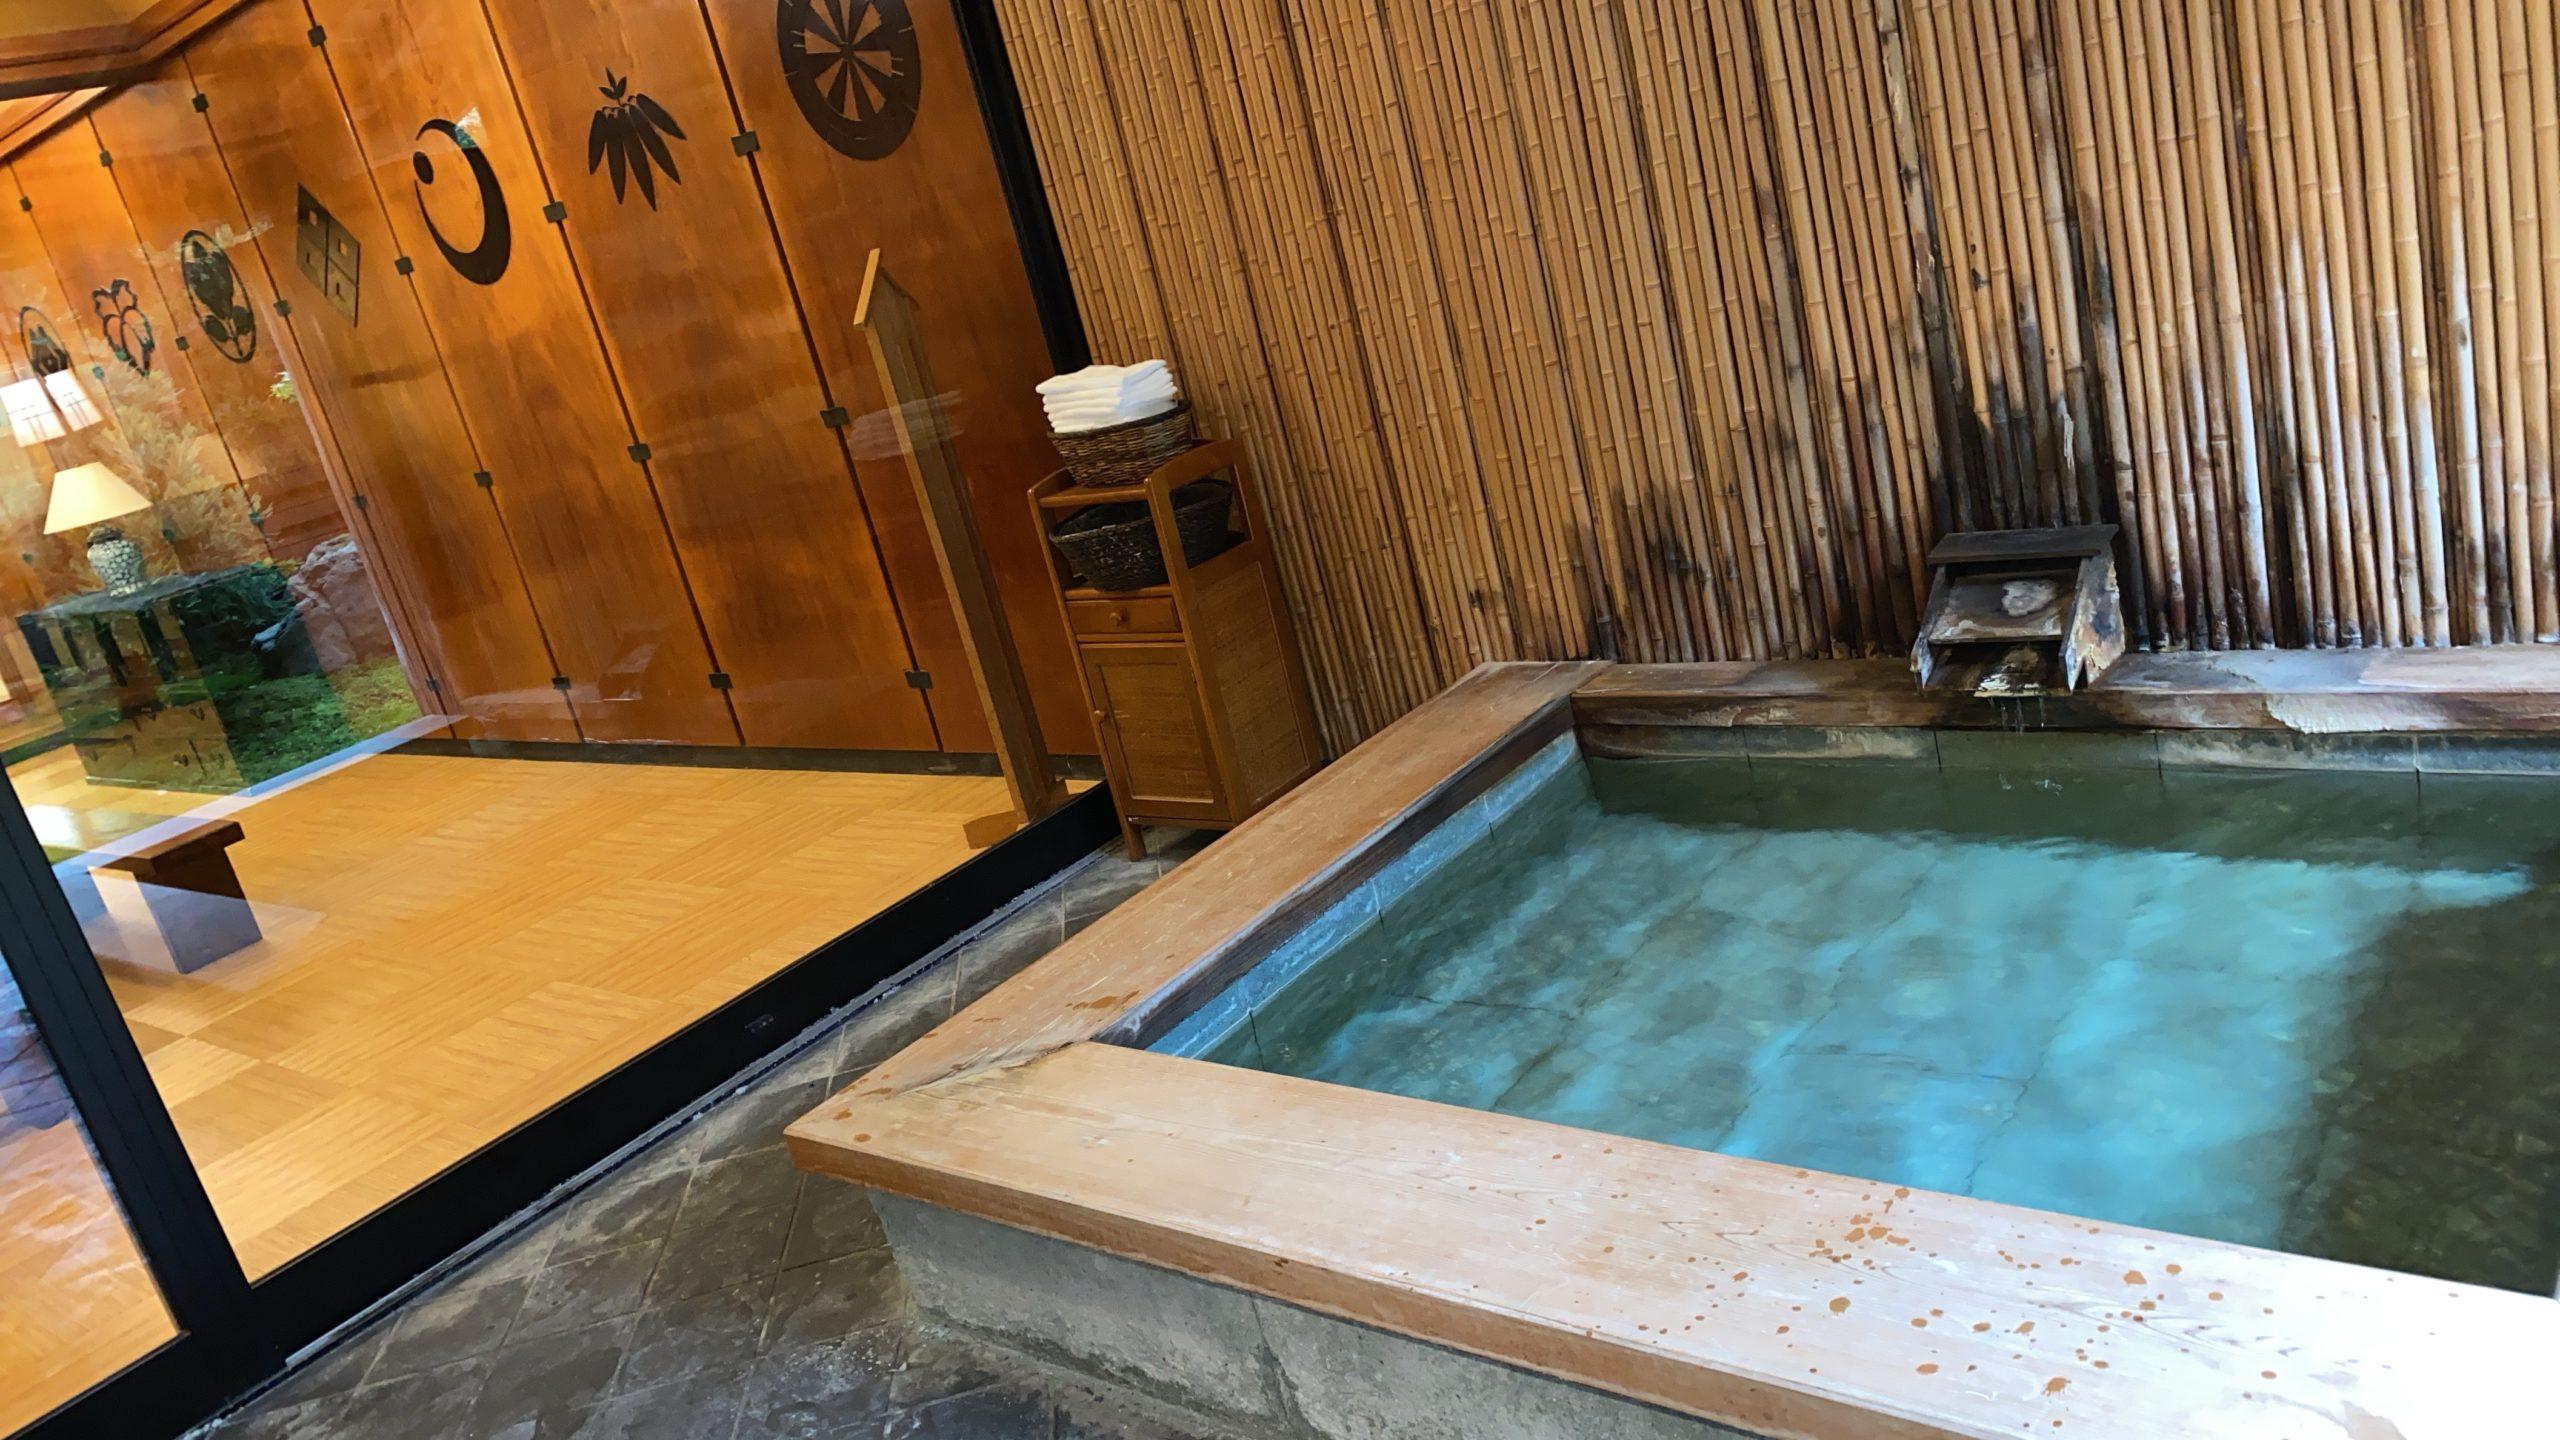 ミシュランに選ばれた福井の温泉に行ってきました。